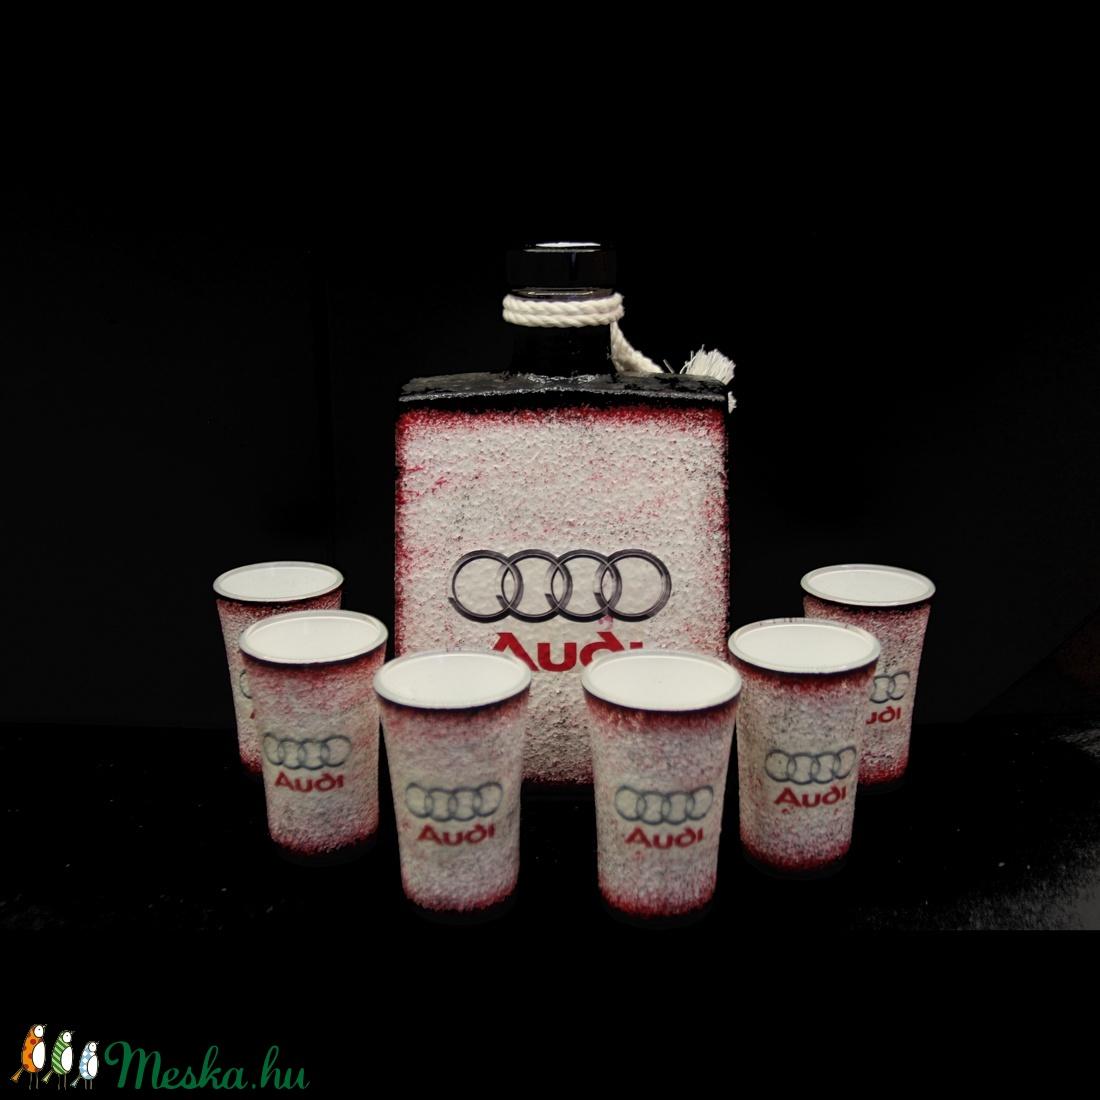 AUDI  emblémával díszített pálinkás szett ( 0,5 l üveg + 6x 45 ml pohár )  (decorfantasy) - Meska.hu